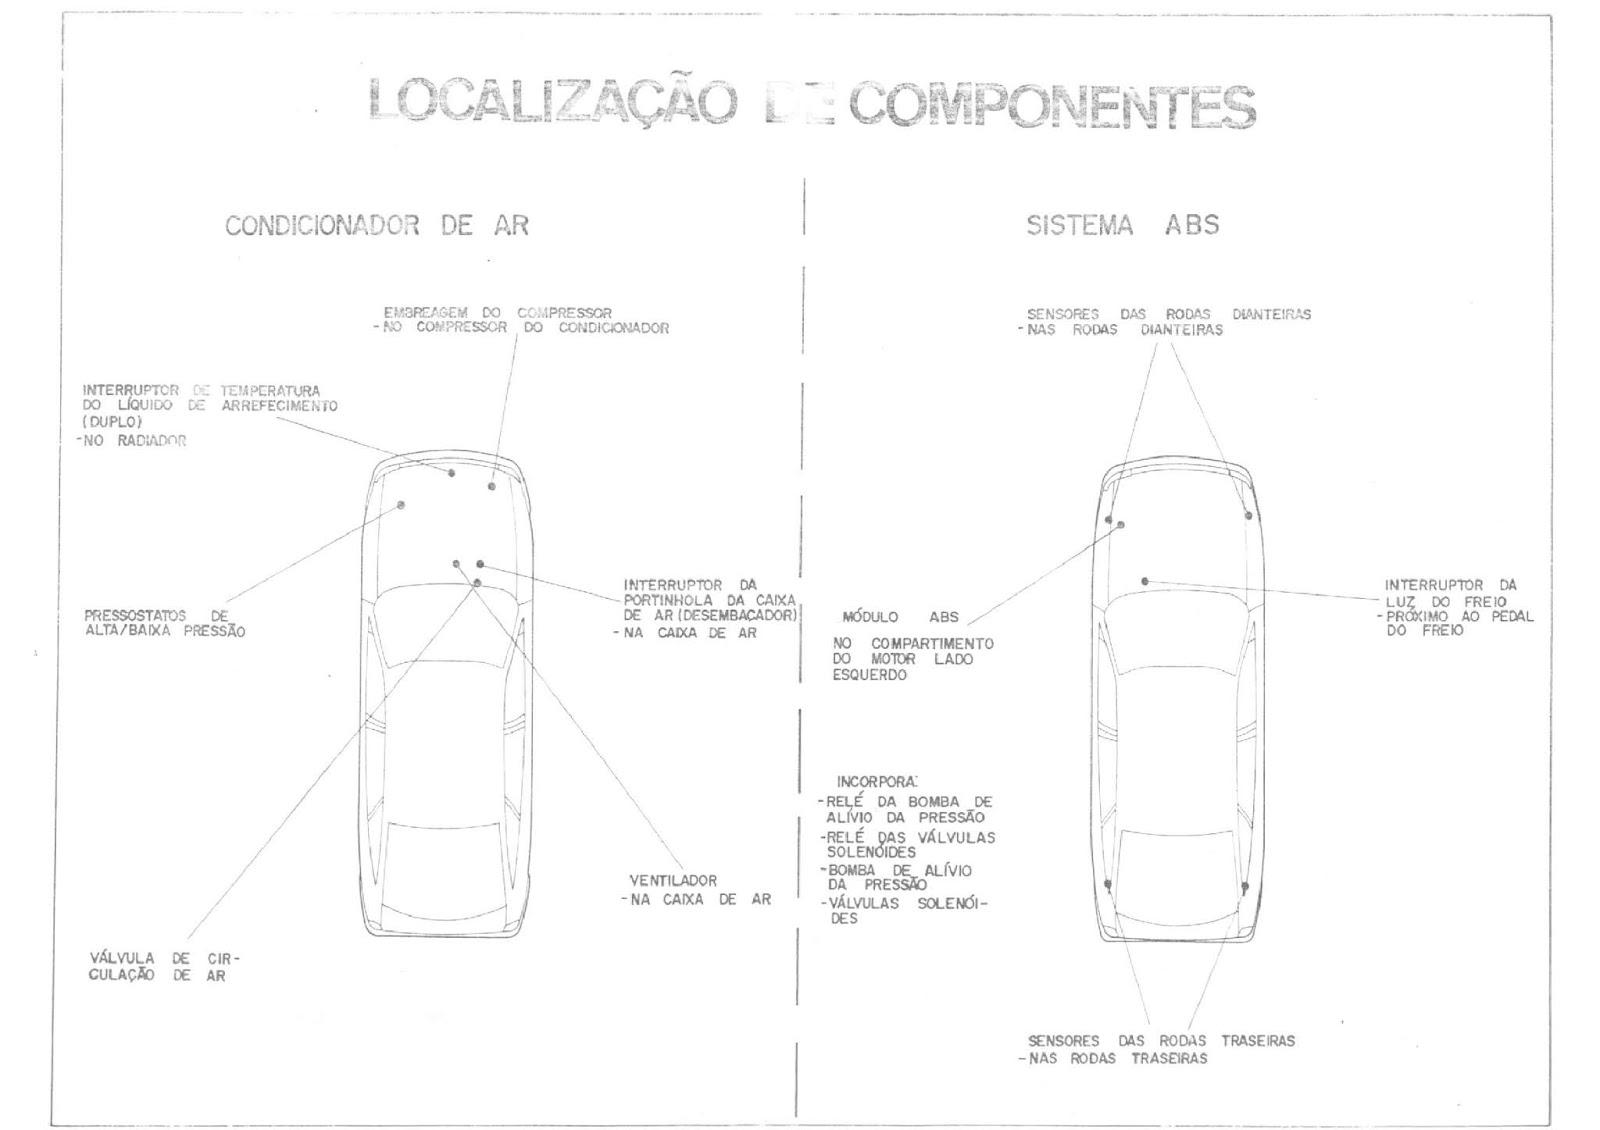 MANUAIS DO PROPRIETÁRIO GRÁTIS: MANUAL DE CIRCUITOS